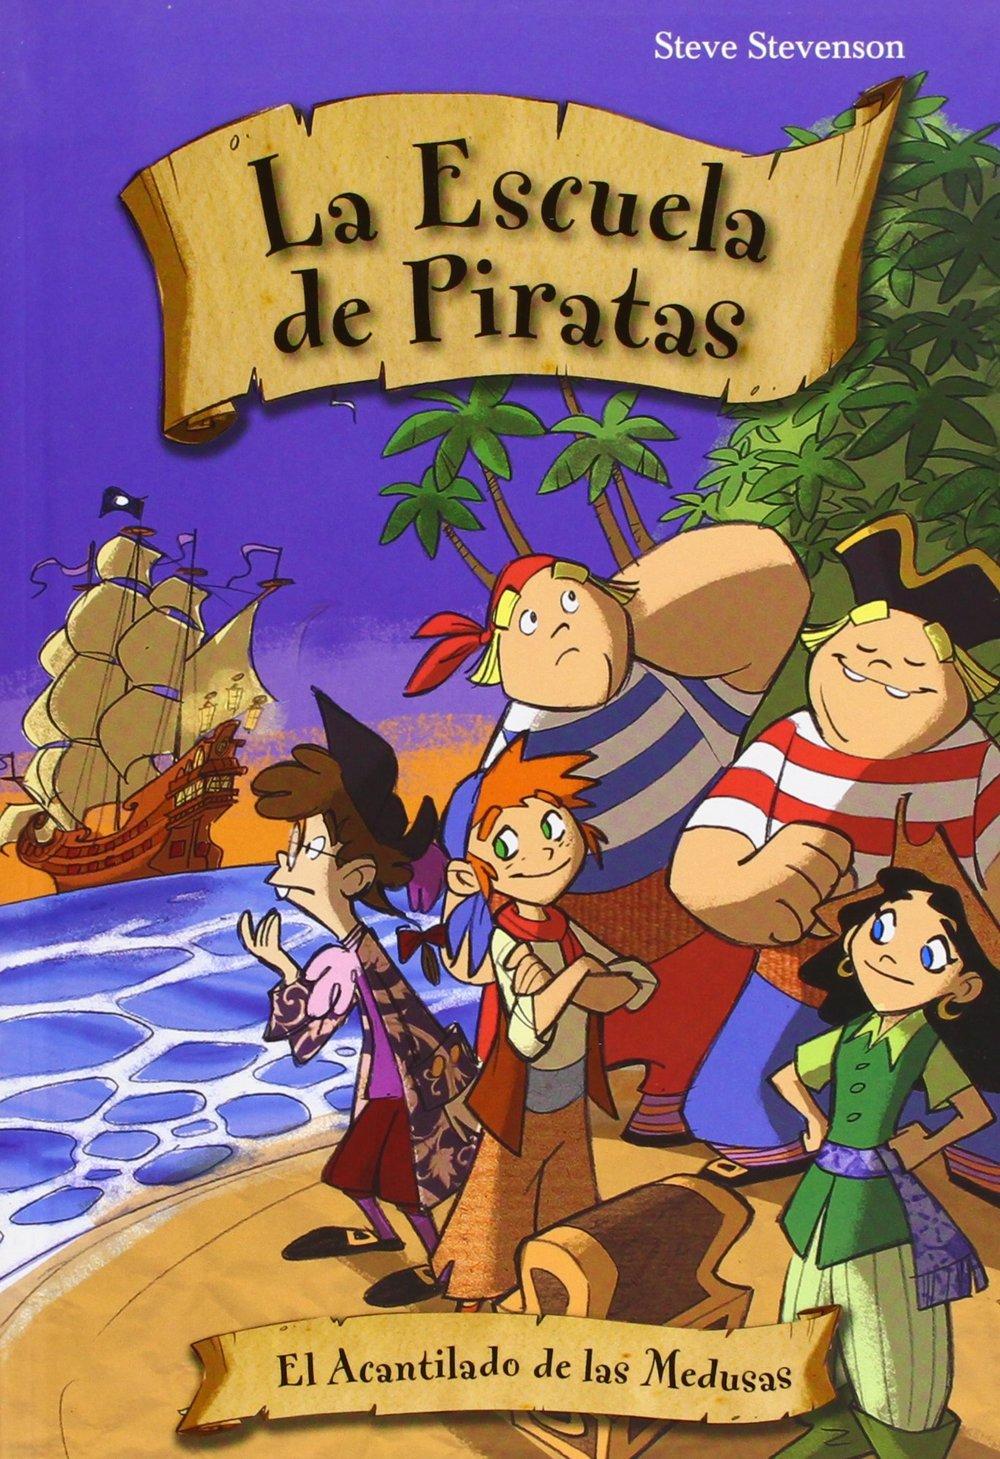 La Escuela de Piratas